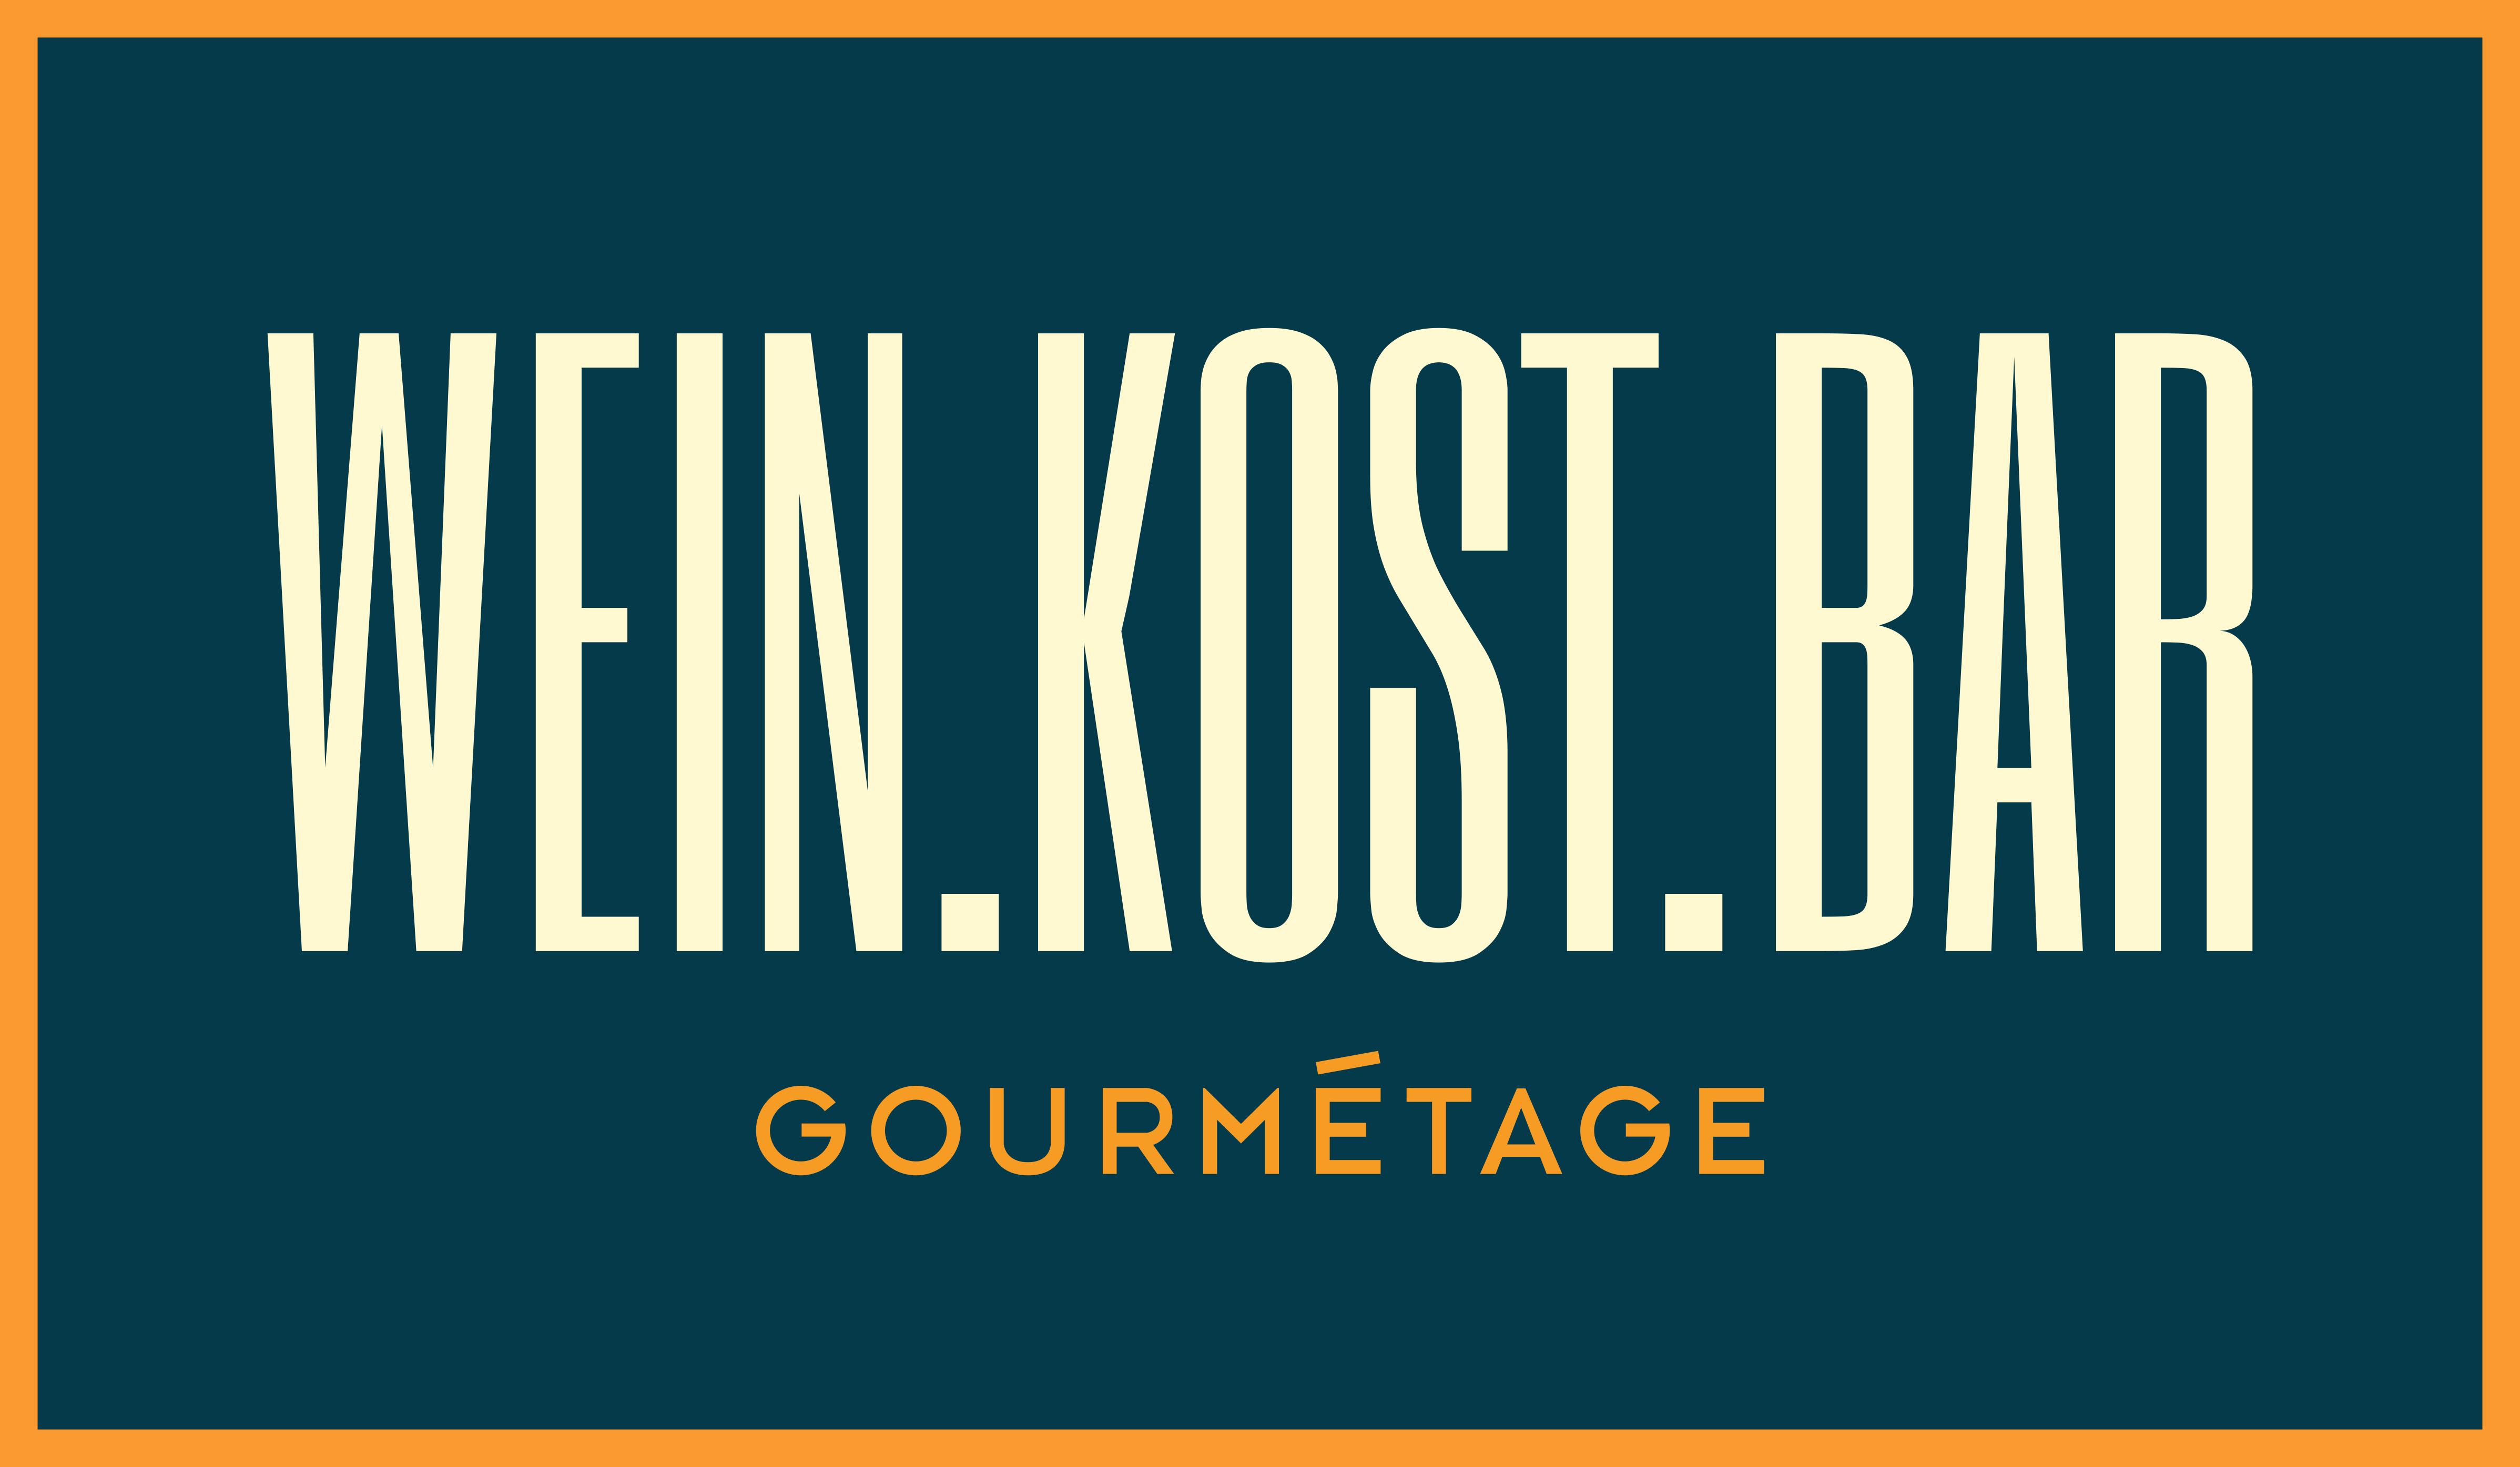 Bild Weinkostbar Gourmetage Logo